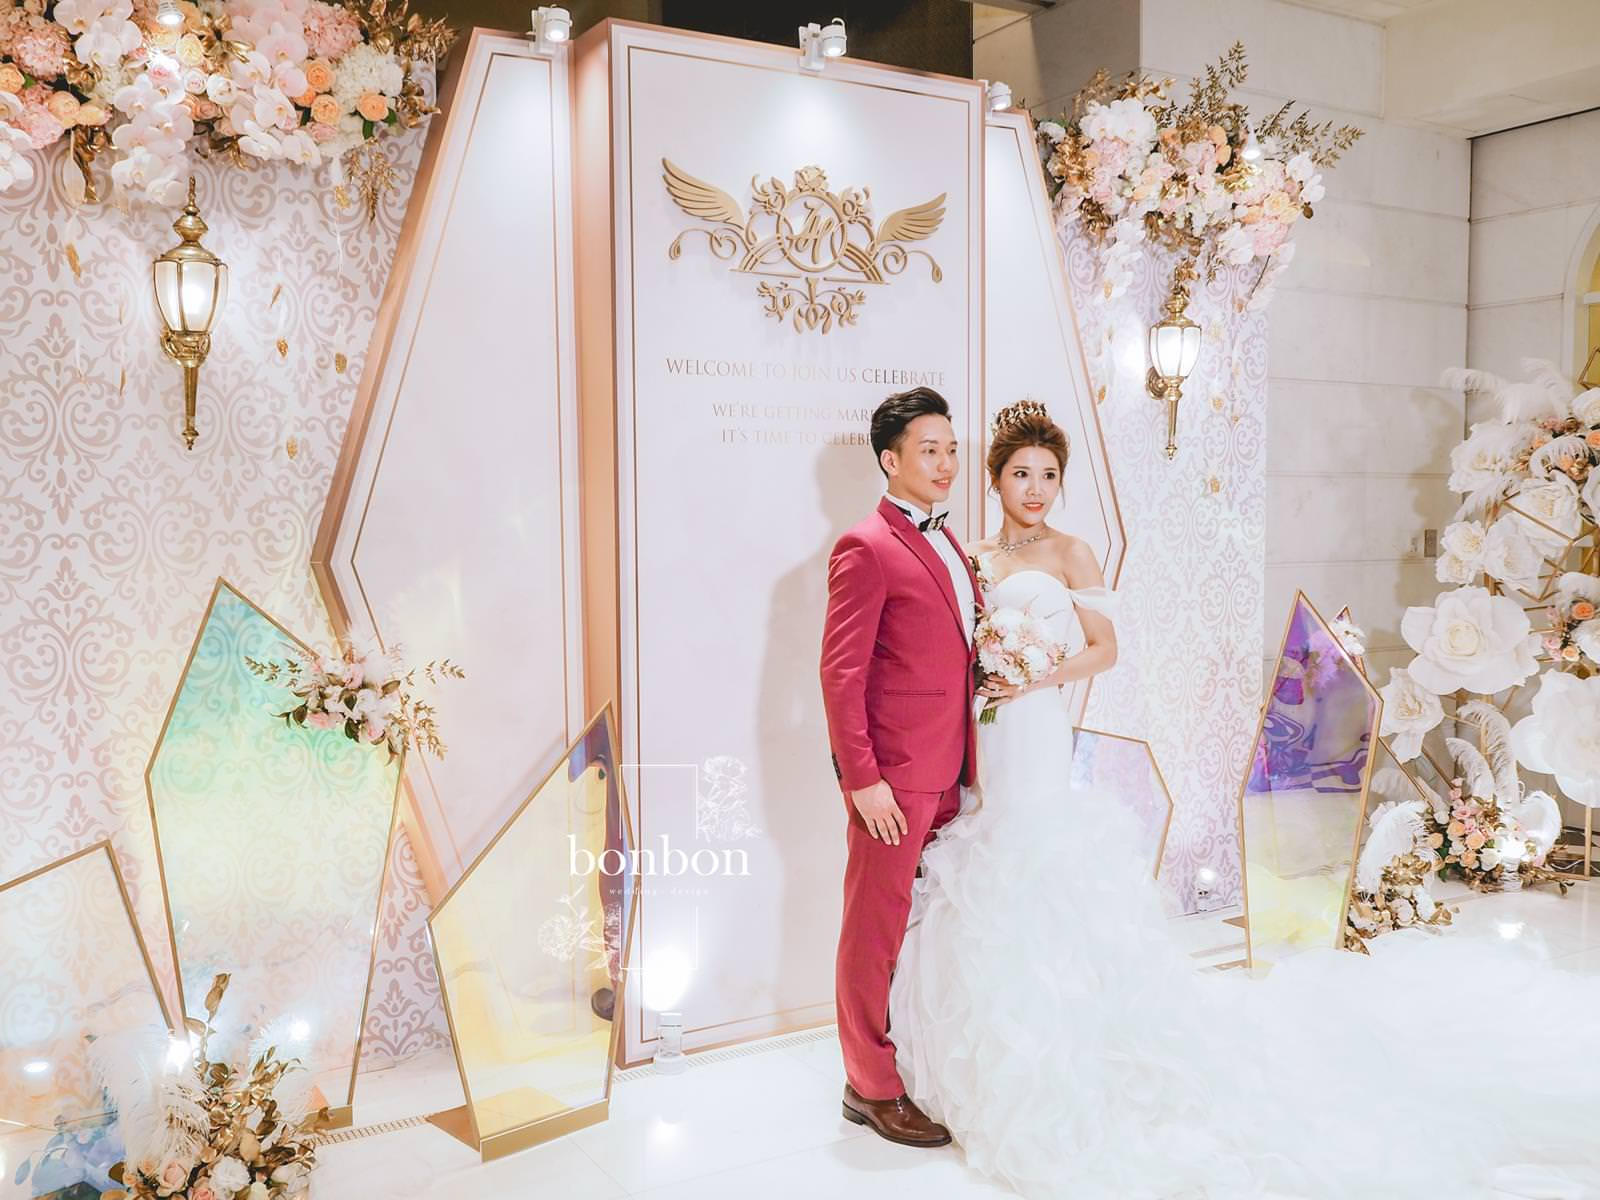 [花婚嫁]一眼驚豔。復古奢華的婚禮佈置。bonbon-wedding。婚禮佈置推薦